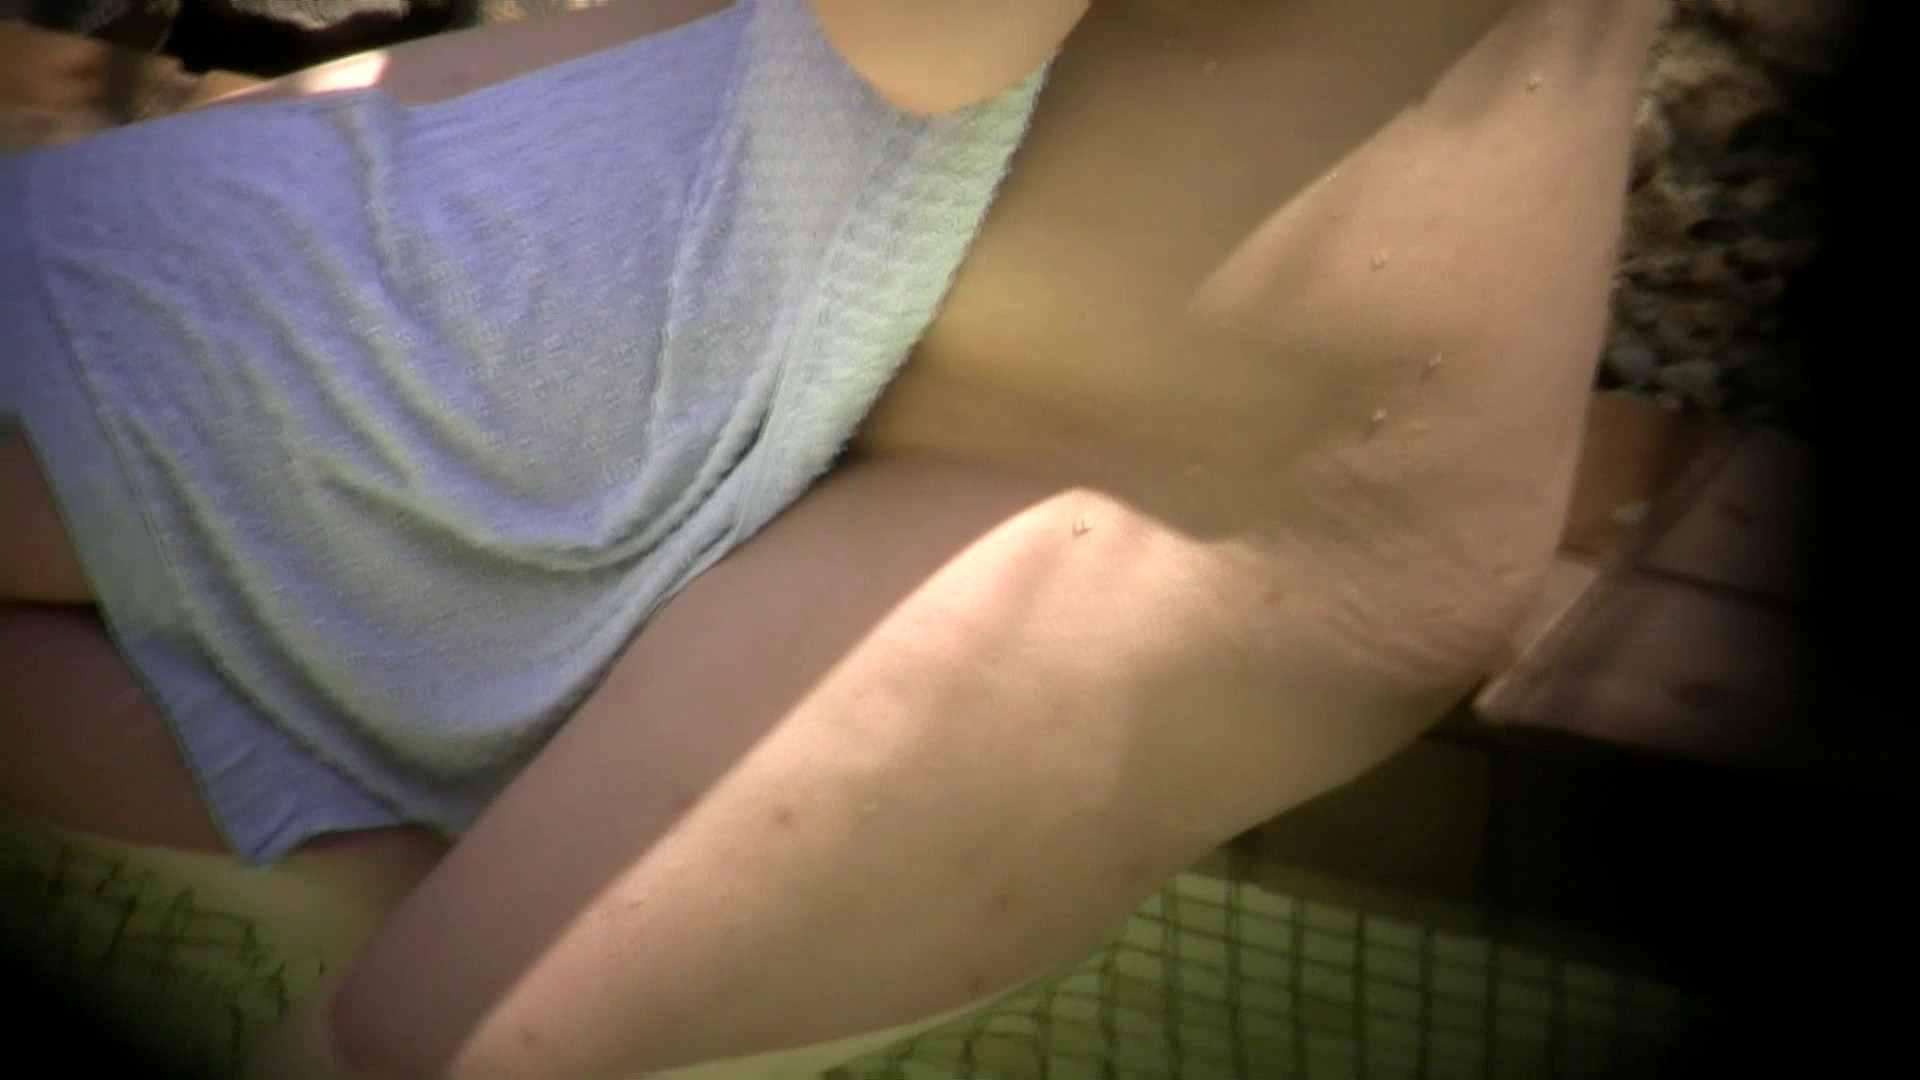 Aquaな露天風呂Vol.650 OLのプライベート セックス無修正動画無料 11pic 2